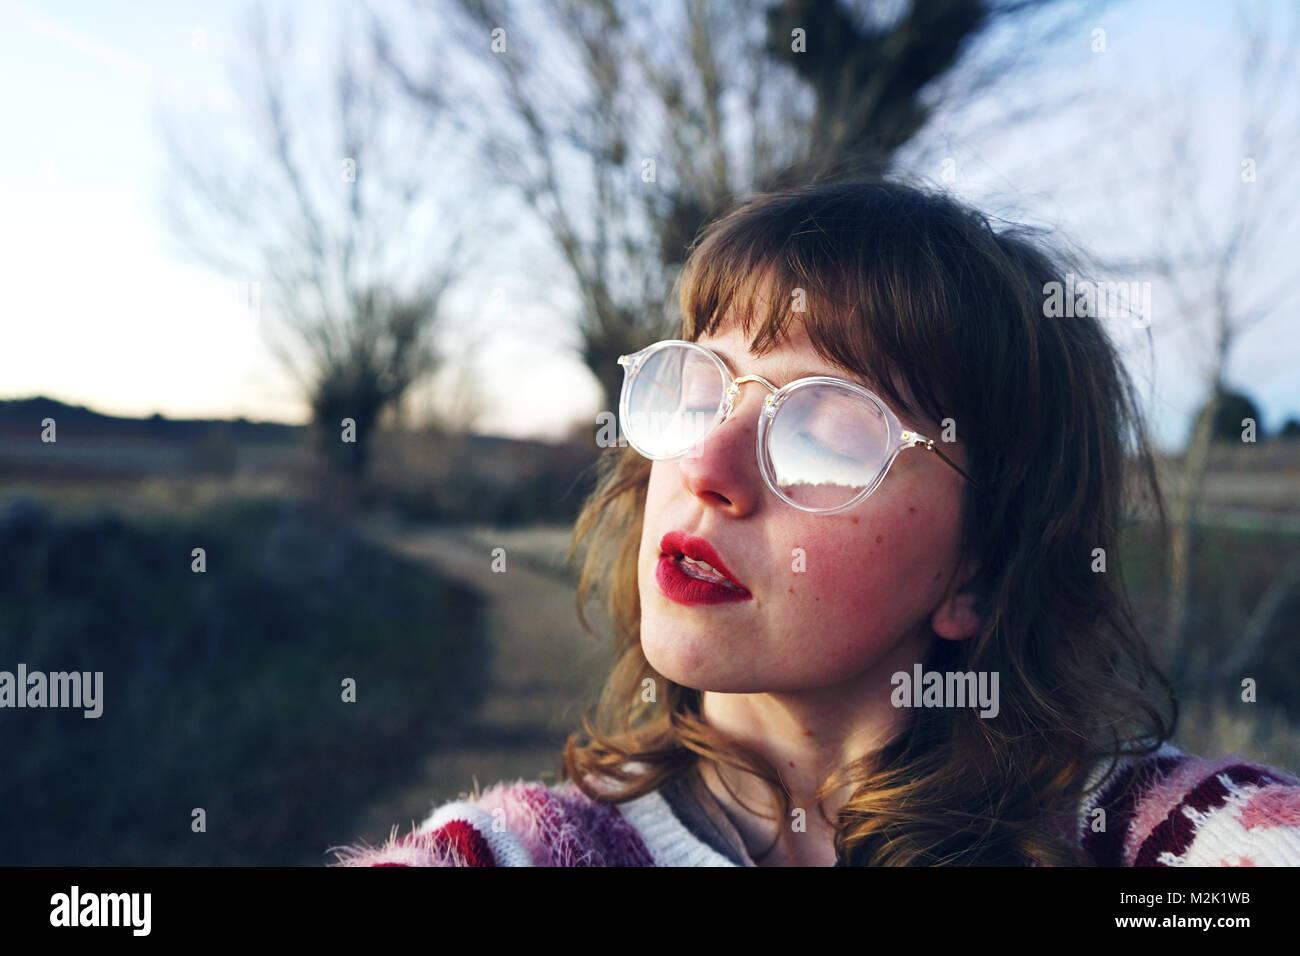 Jeune femme portant des vêtements rétro Photo Stock